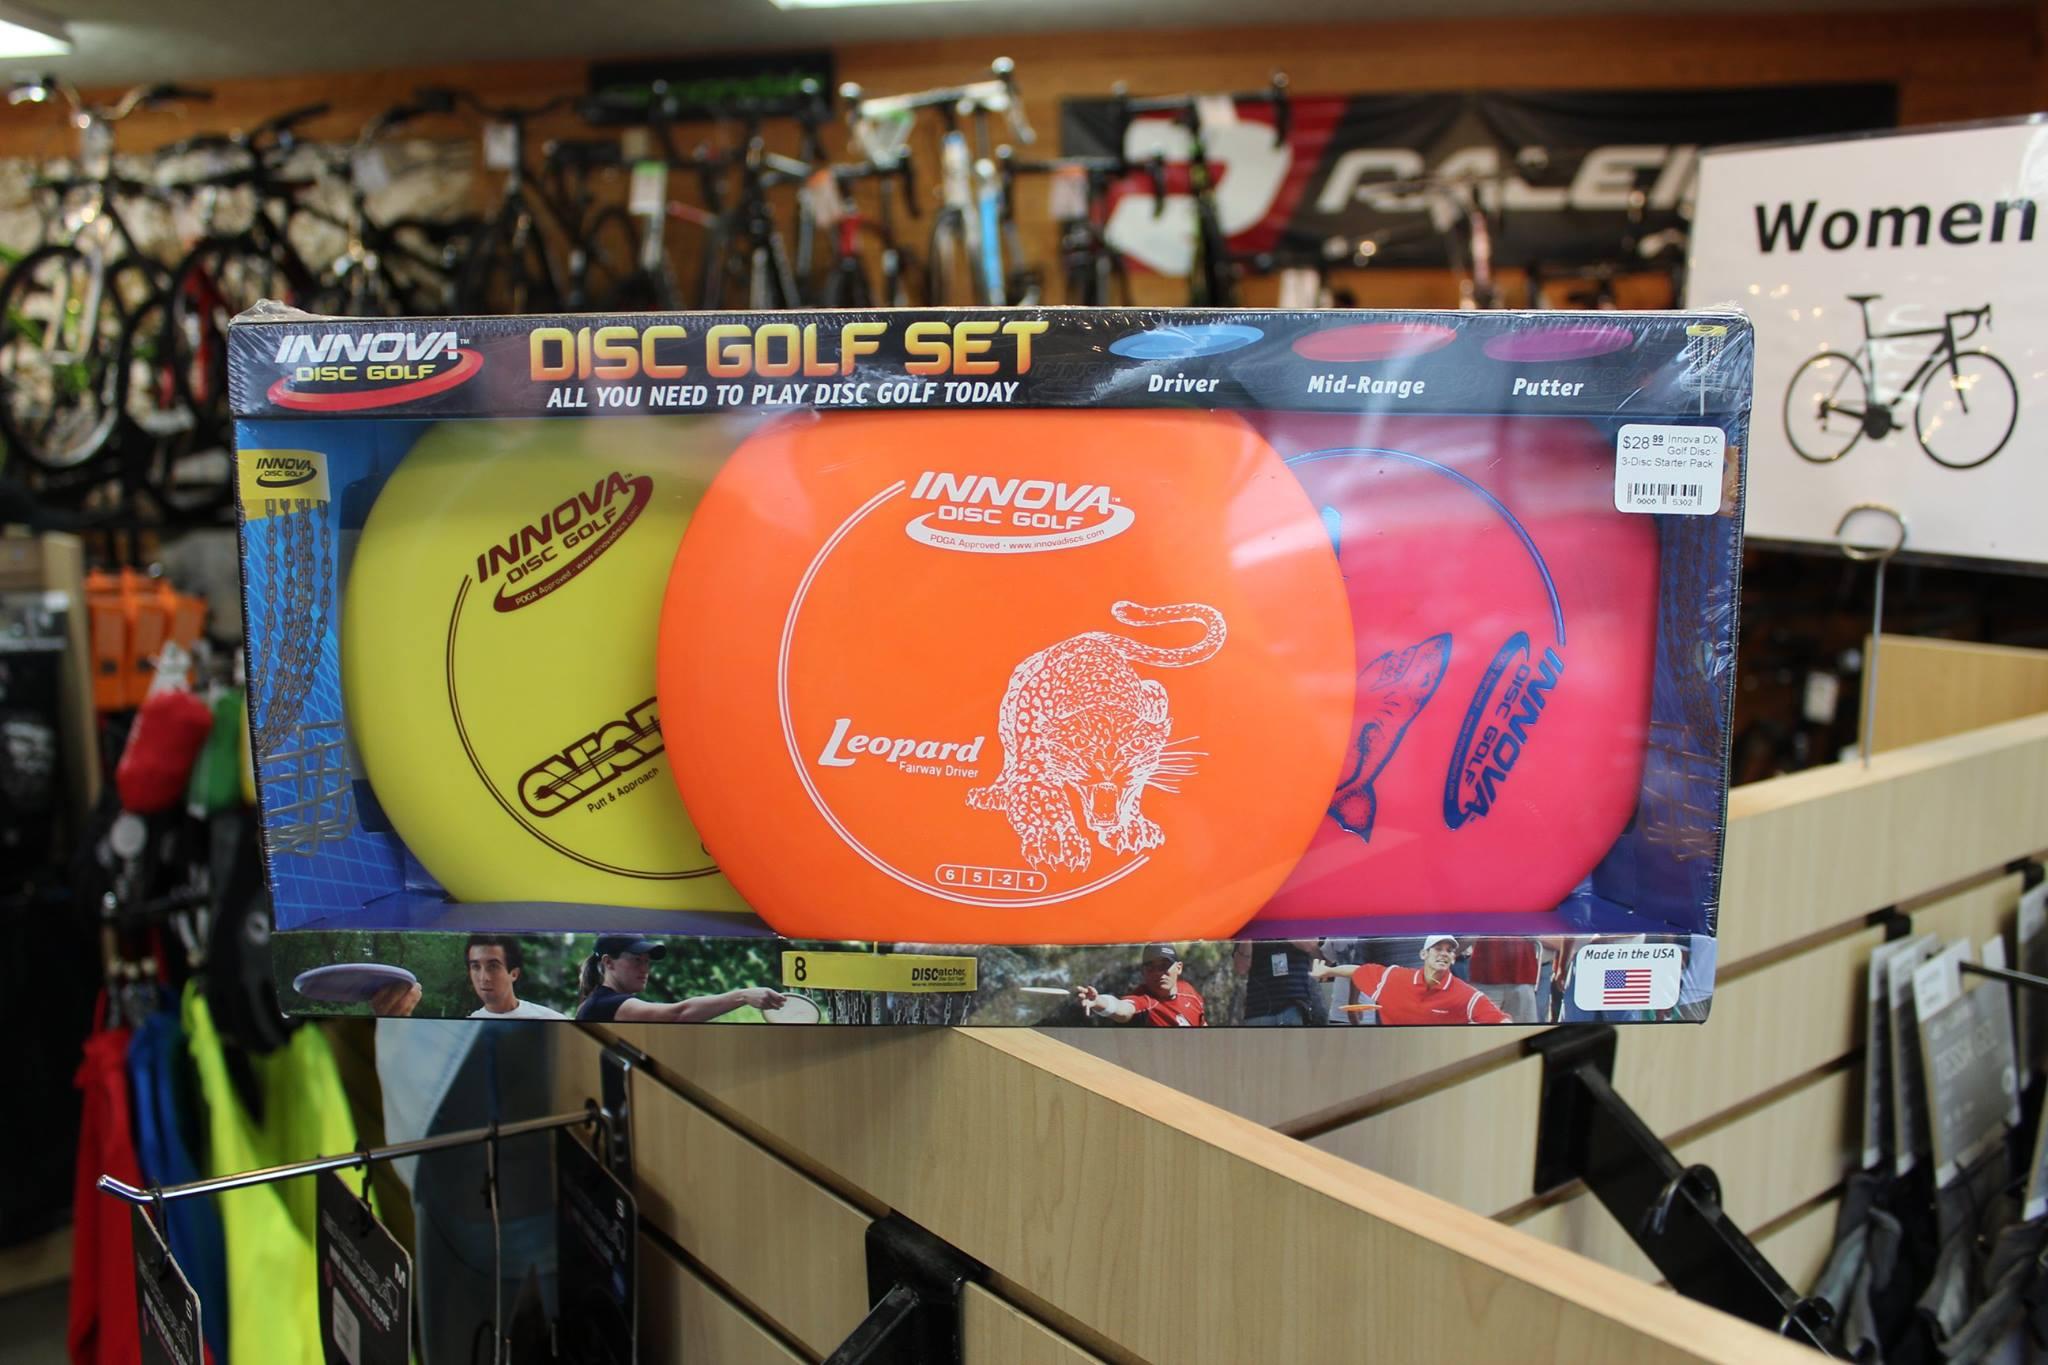 Innova Disc Golf - 3 Disc Starter Kit